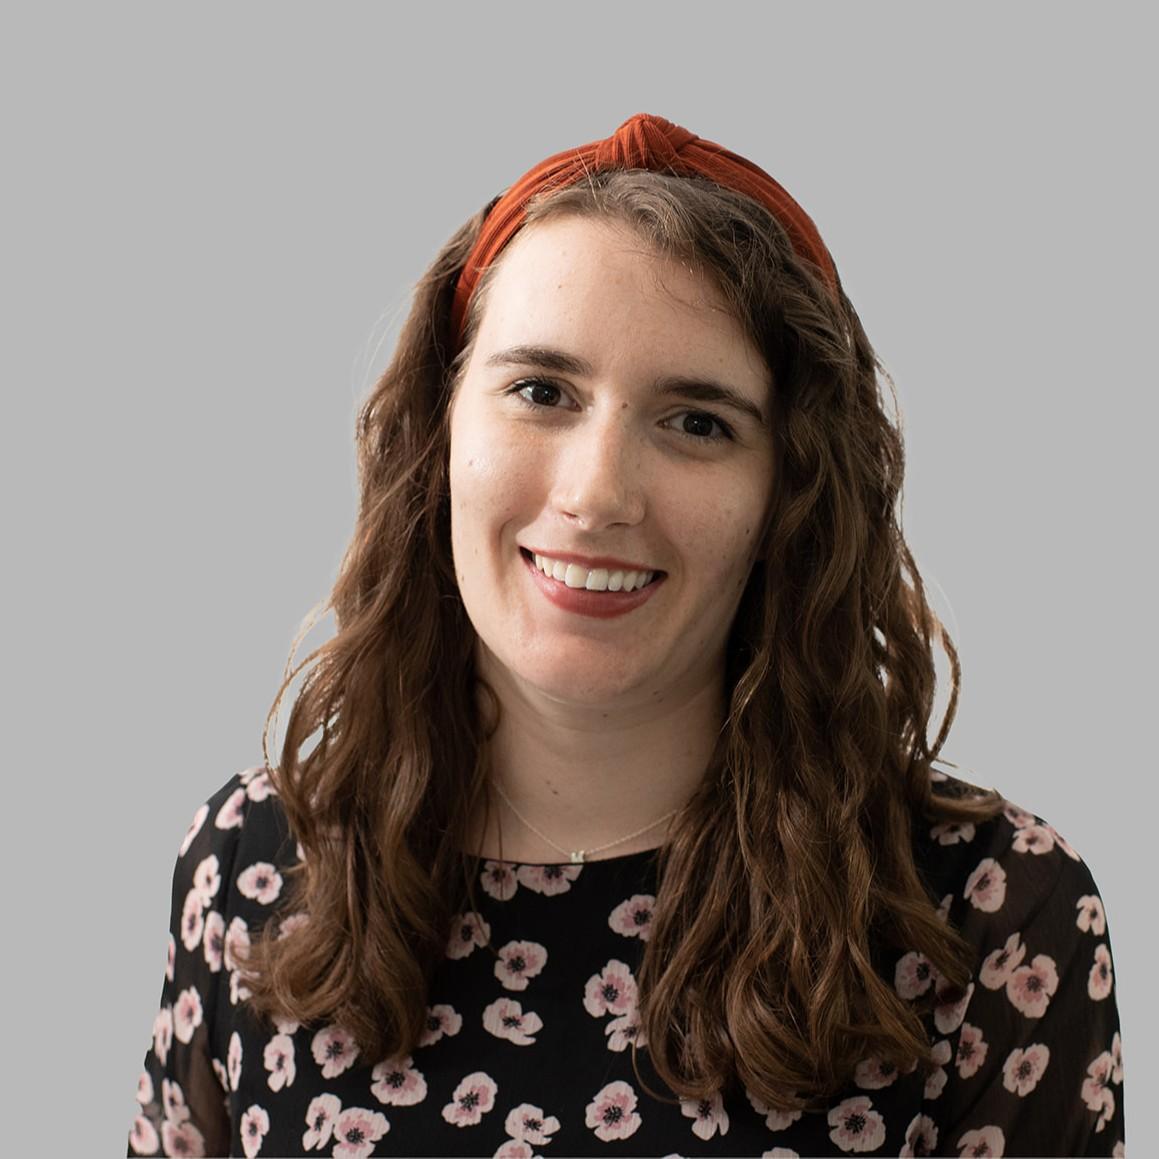 Katherine McGinn